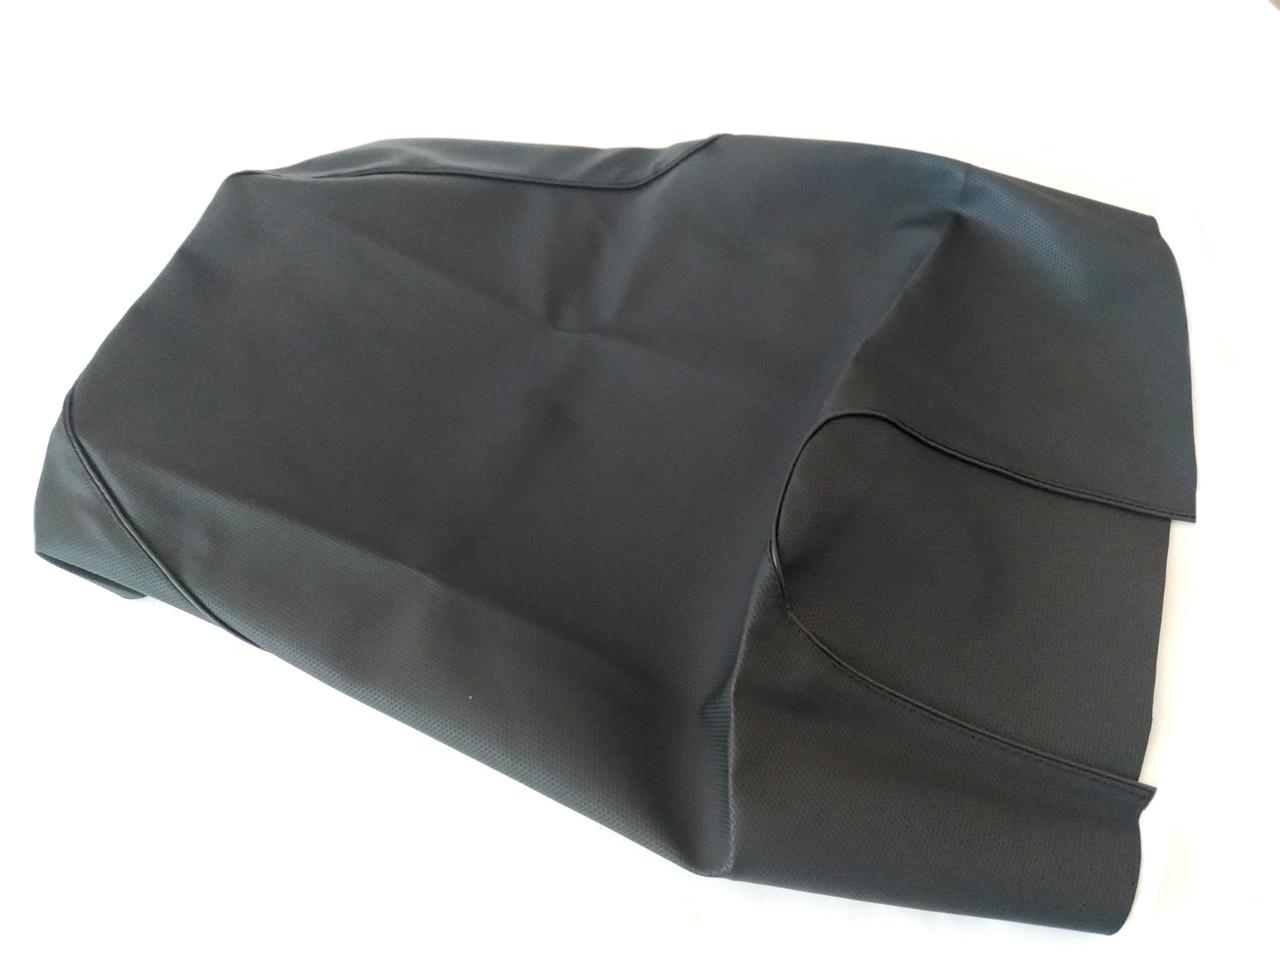 Чехол сиденья HONDA DIO AF-56/57/63 SMART черный, черный кант SOTKA